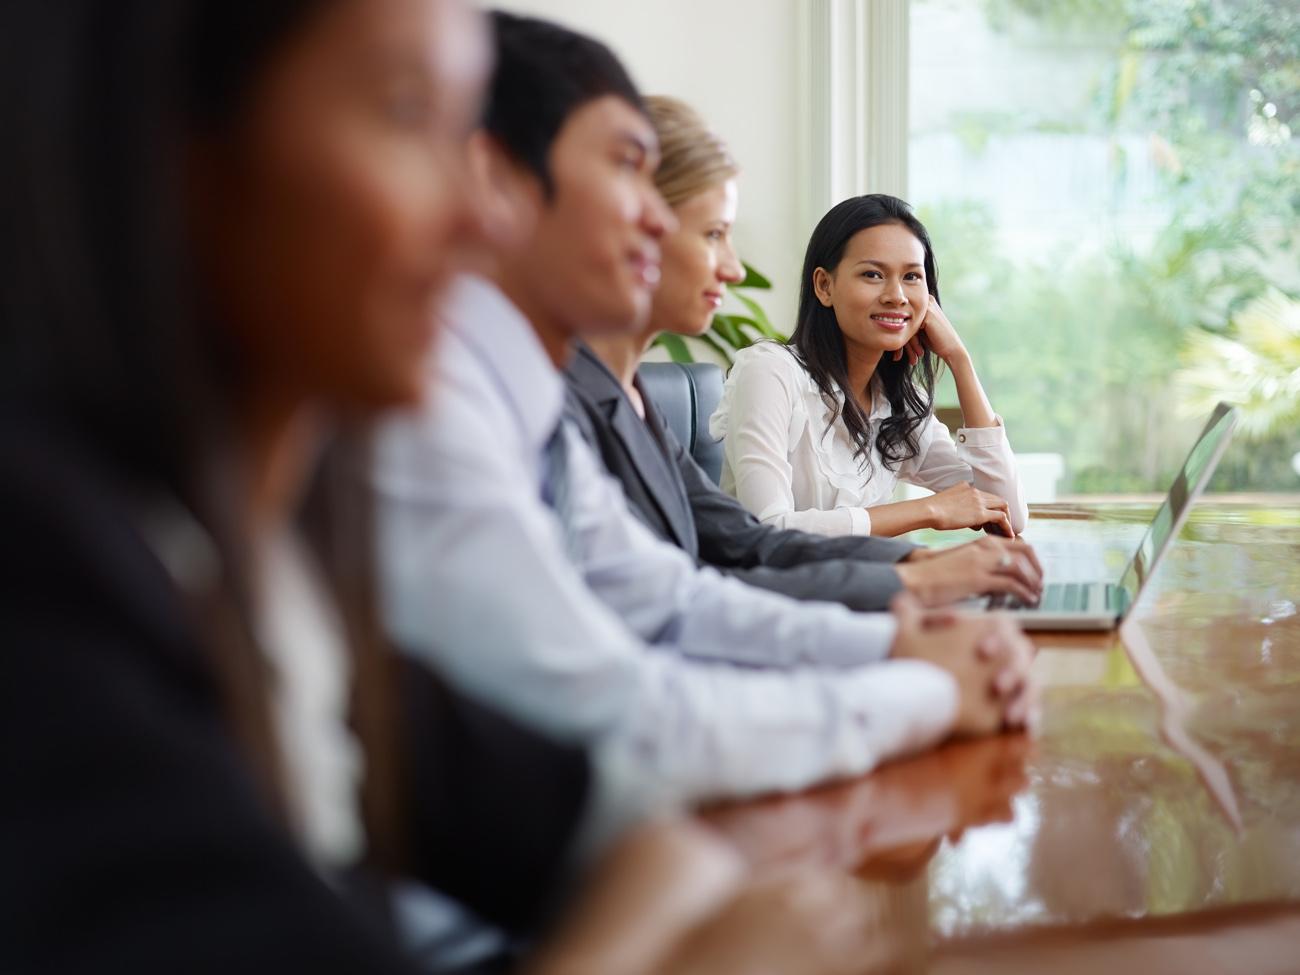 Bagaimana Generasi Z Menyambut Dunia Kerja